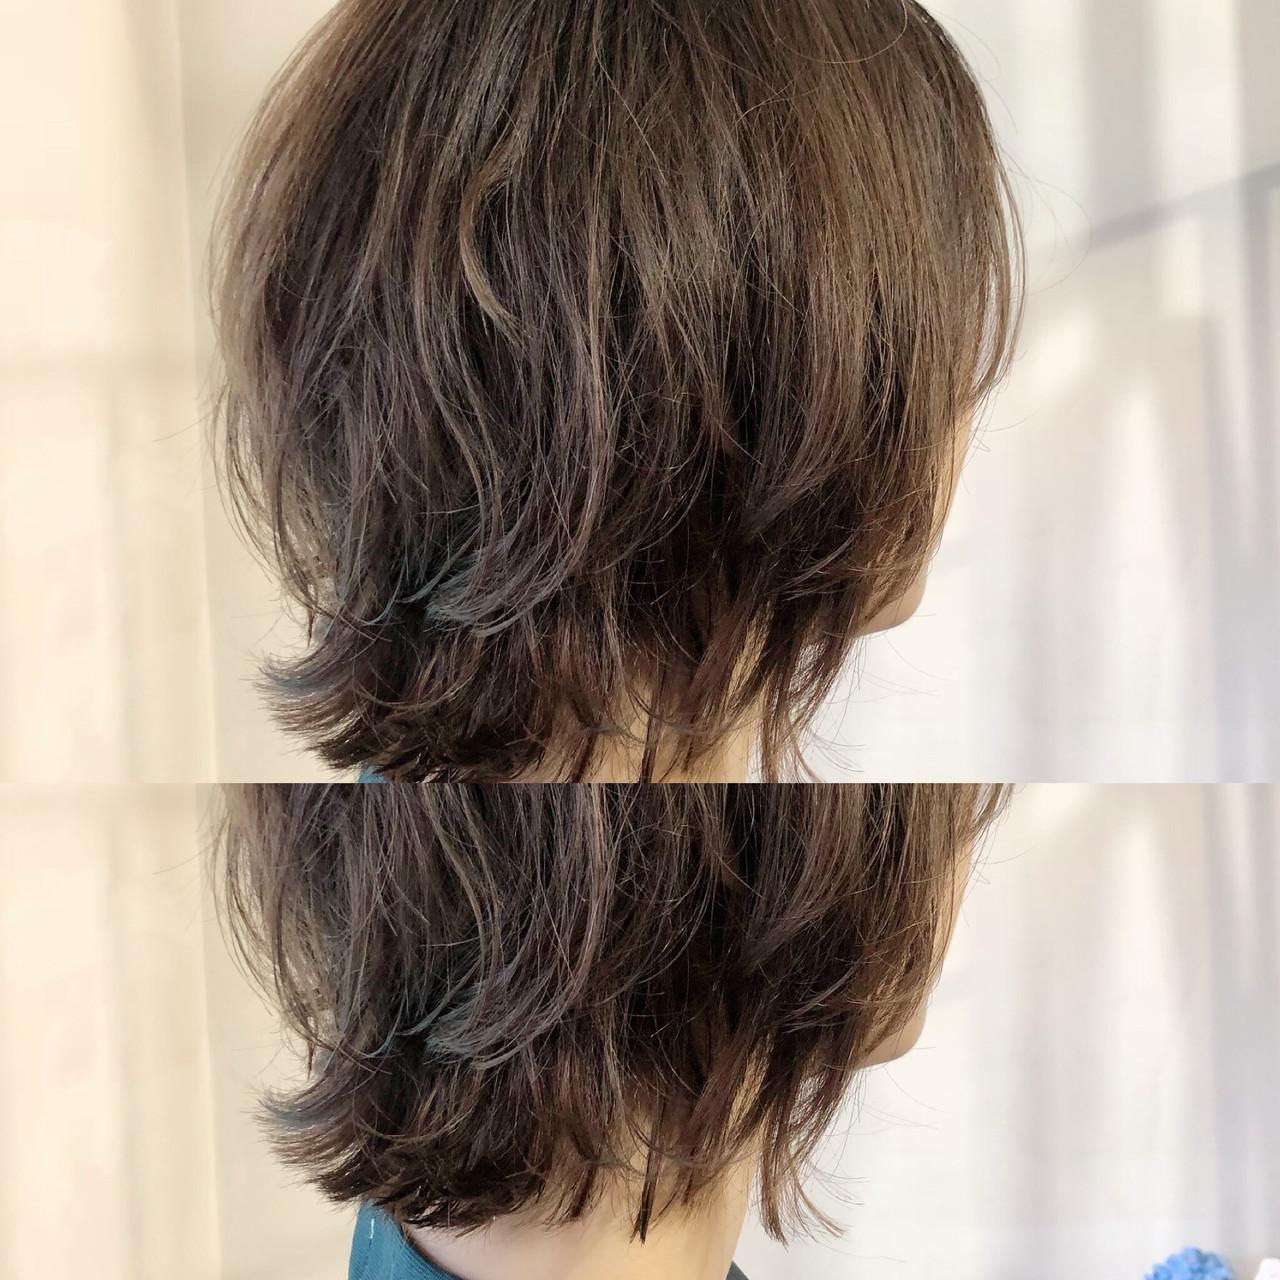 デート ナチュラル ボブ ヘアアレンジ ヘアスタイルや髪型の写真・画像 | L'atelier Content / L'atelier Content